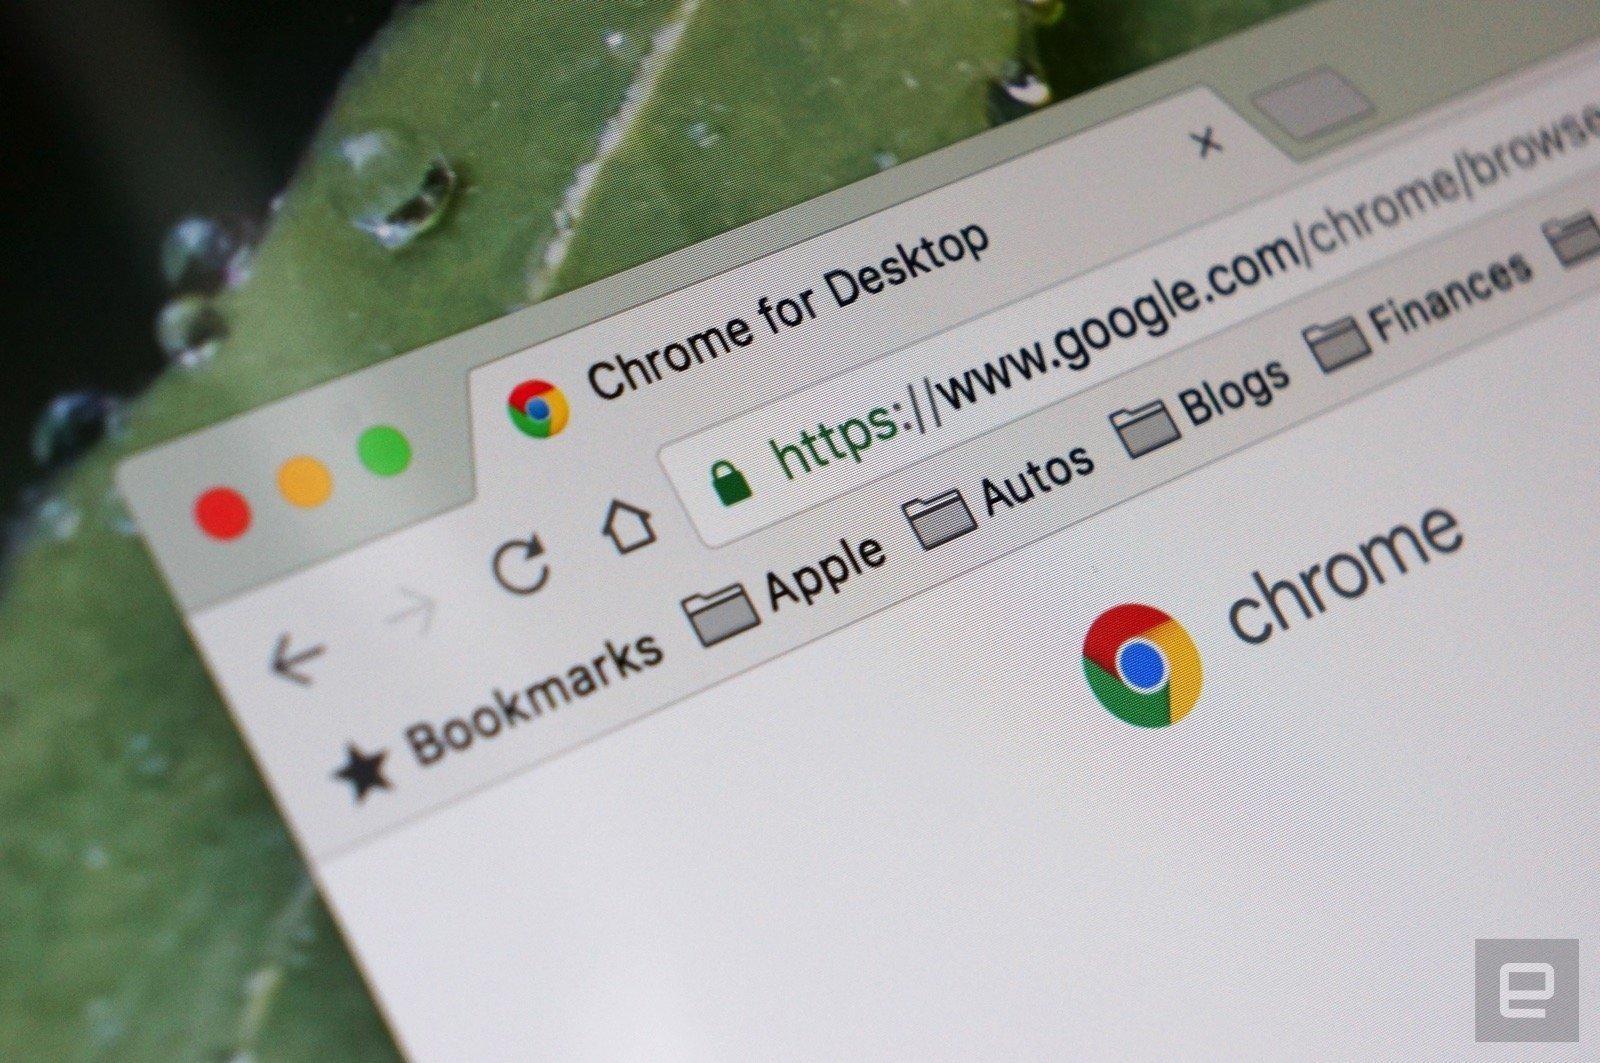 روکیدا - اپلیکیشنهای تحت وب کروم به زودی سرعتی مانند اپلیکیشنهای کامپیوتر خواهند داشت - کروم, گوگل